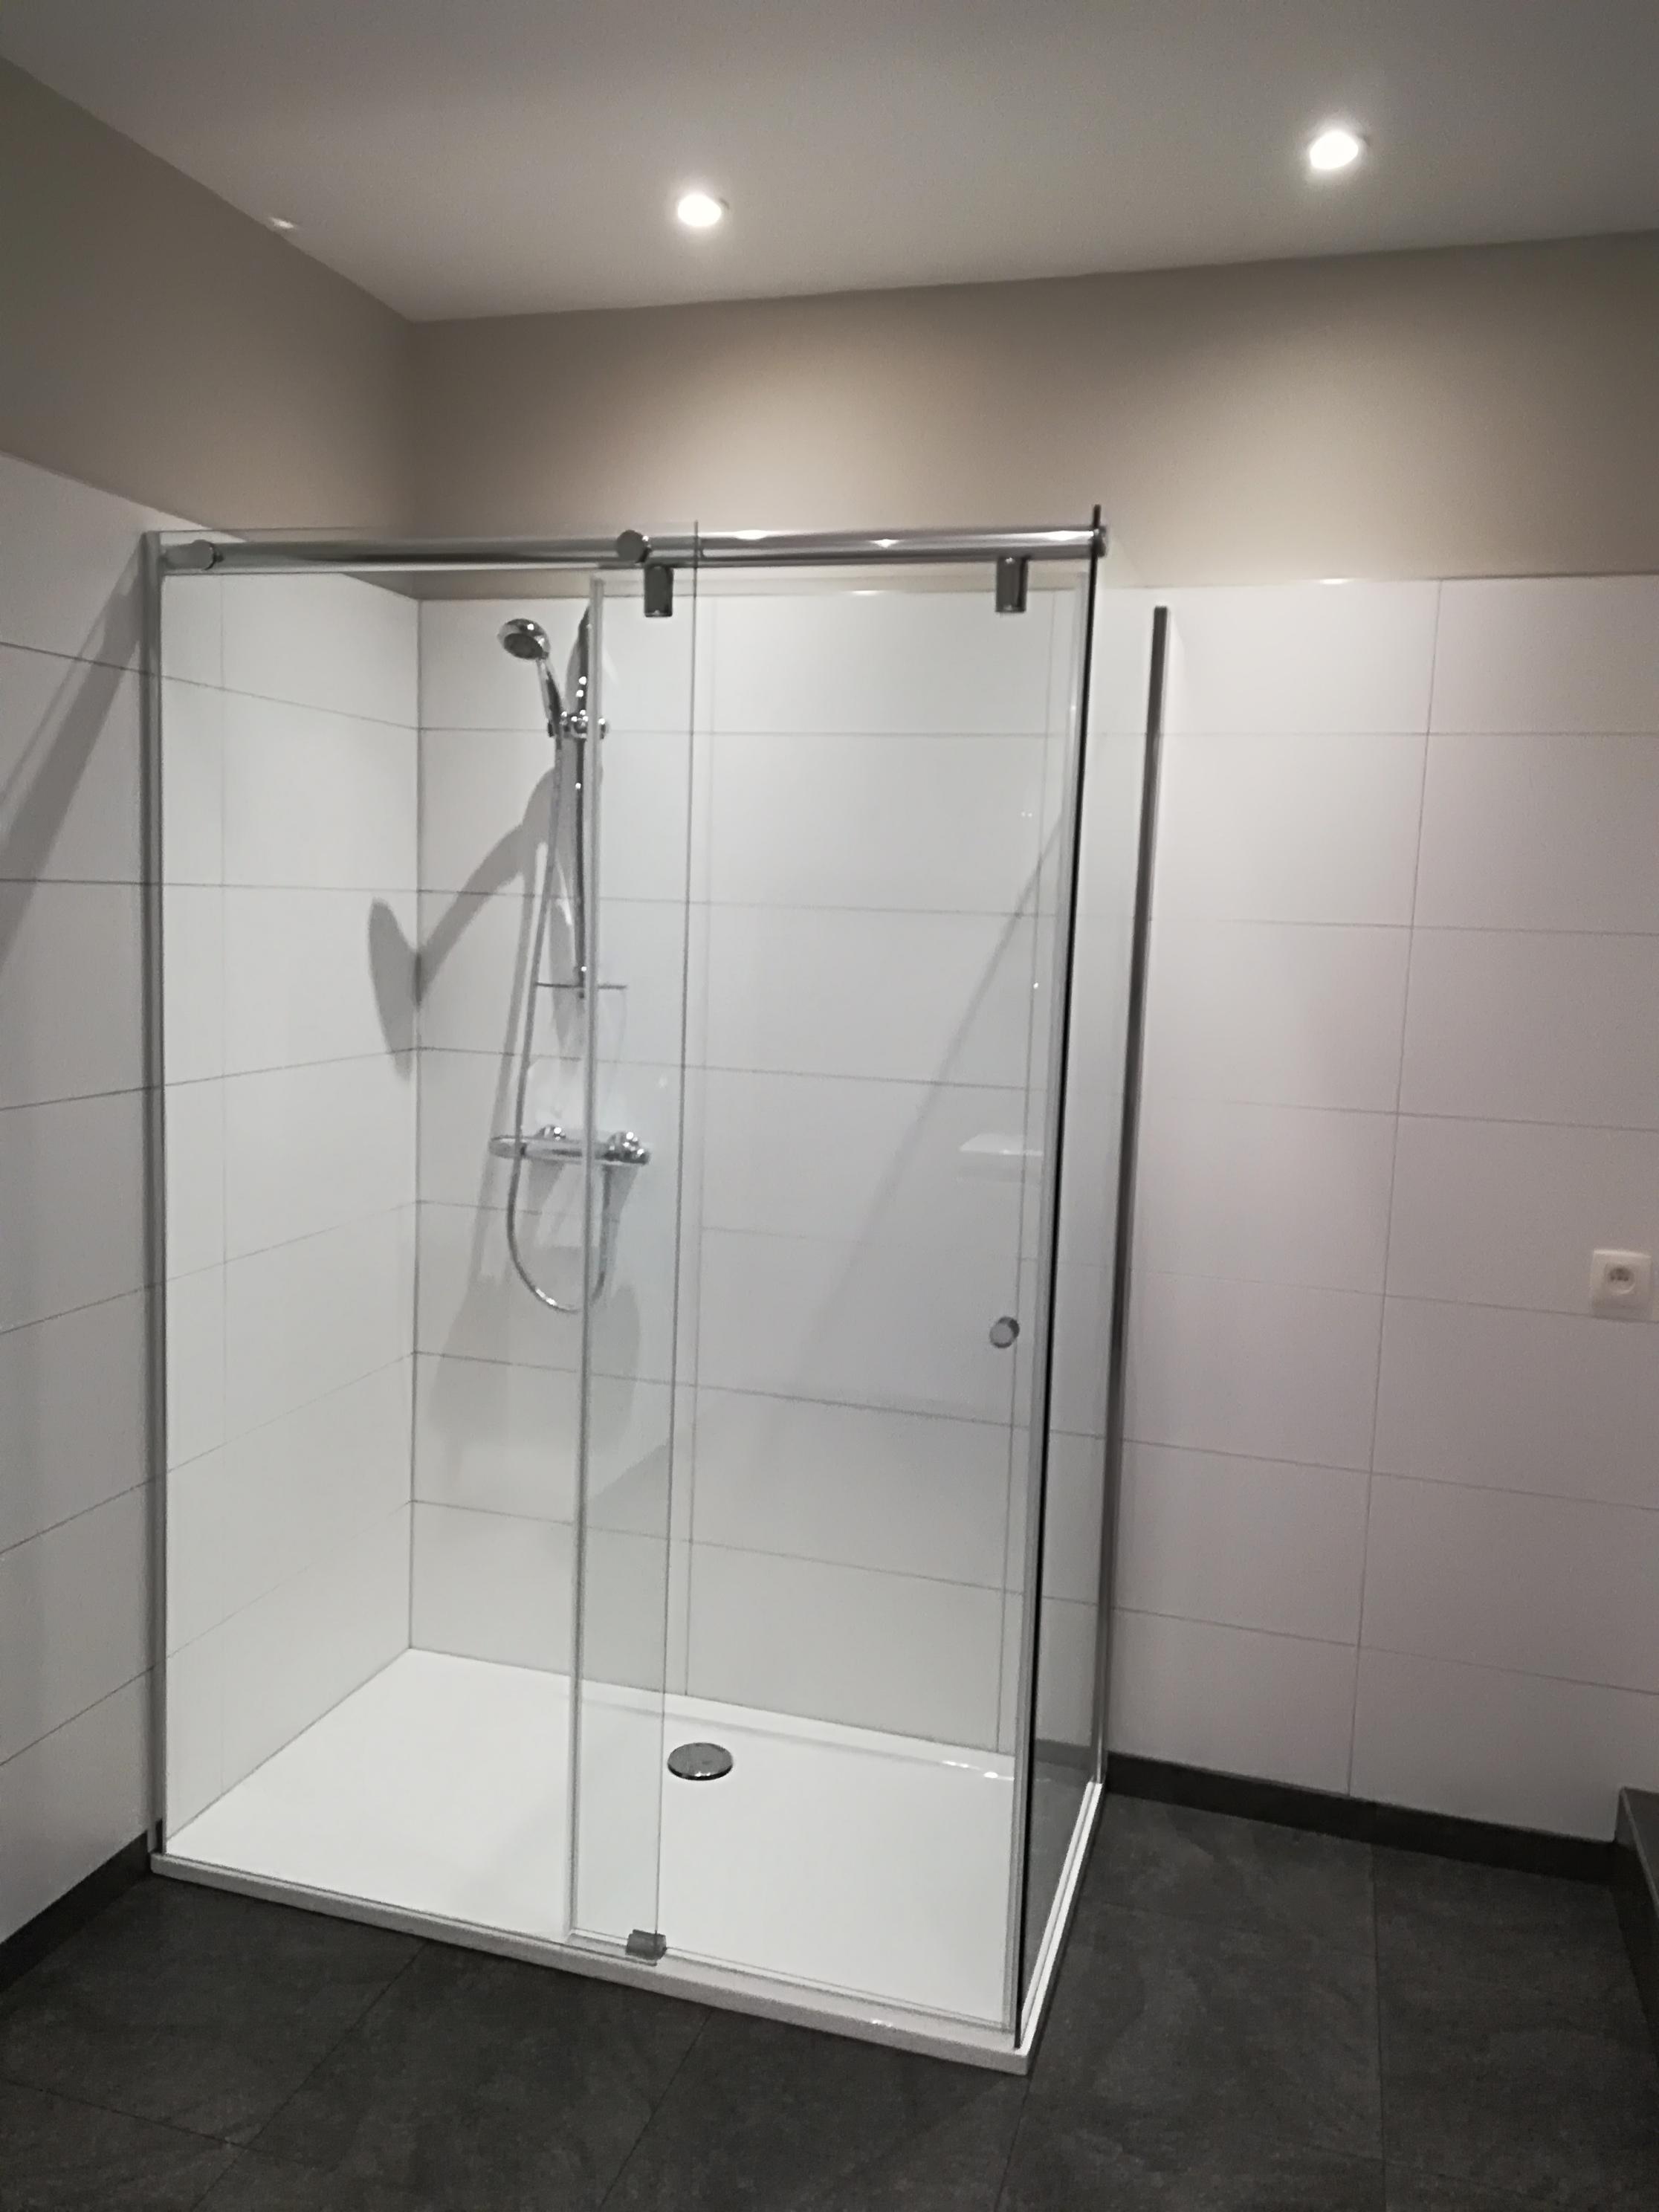 Salle de bain avant/après